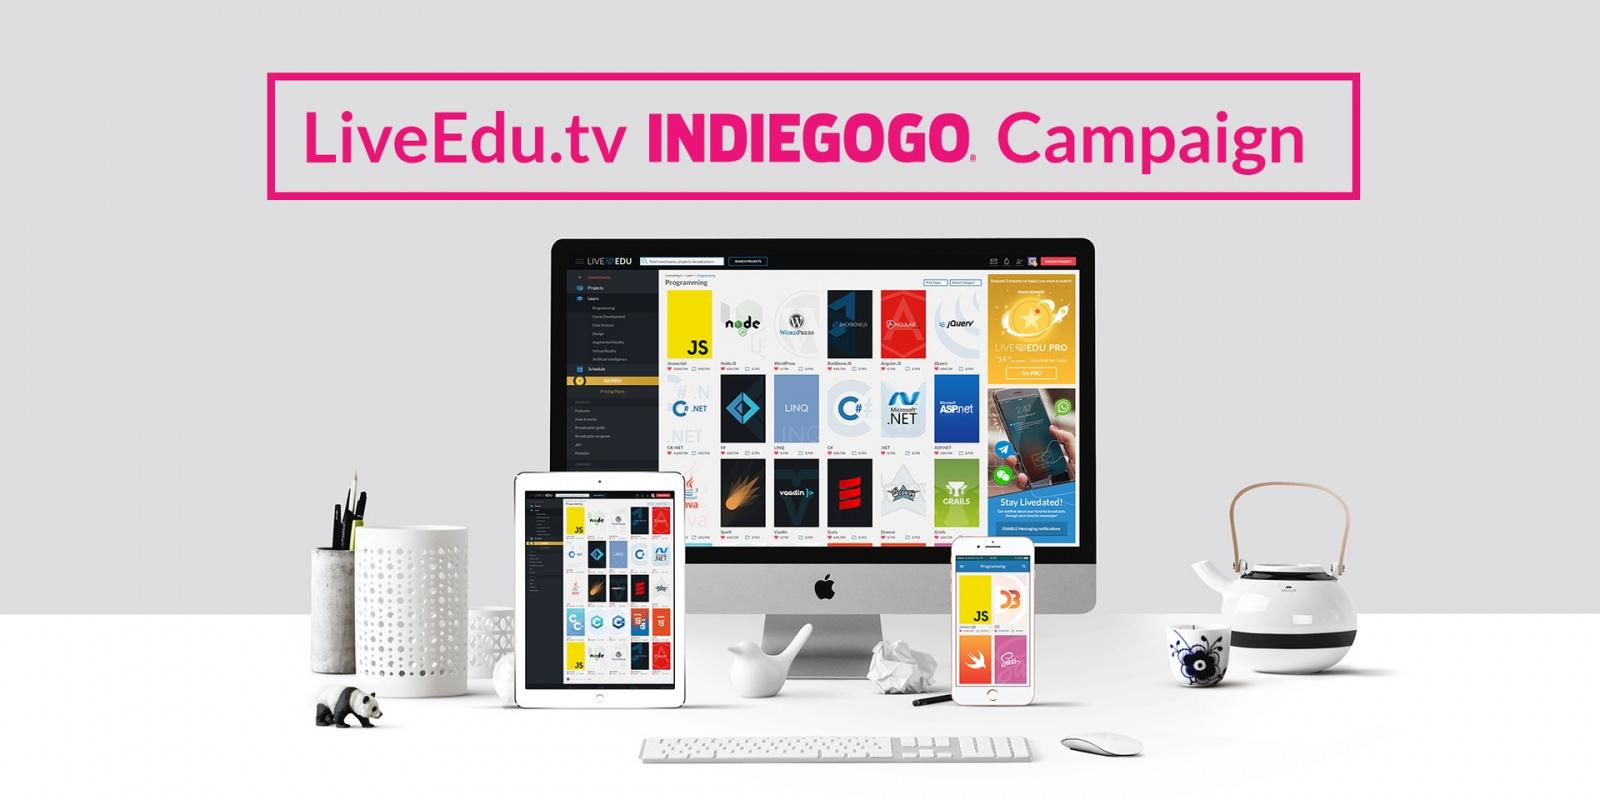 Лучшая краудфандинговая платформа в 2017 году: Kickstarter или Indiegogo? - 2